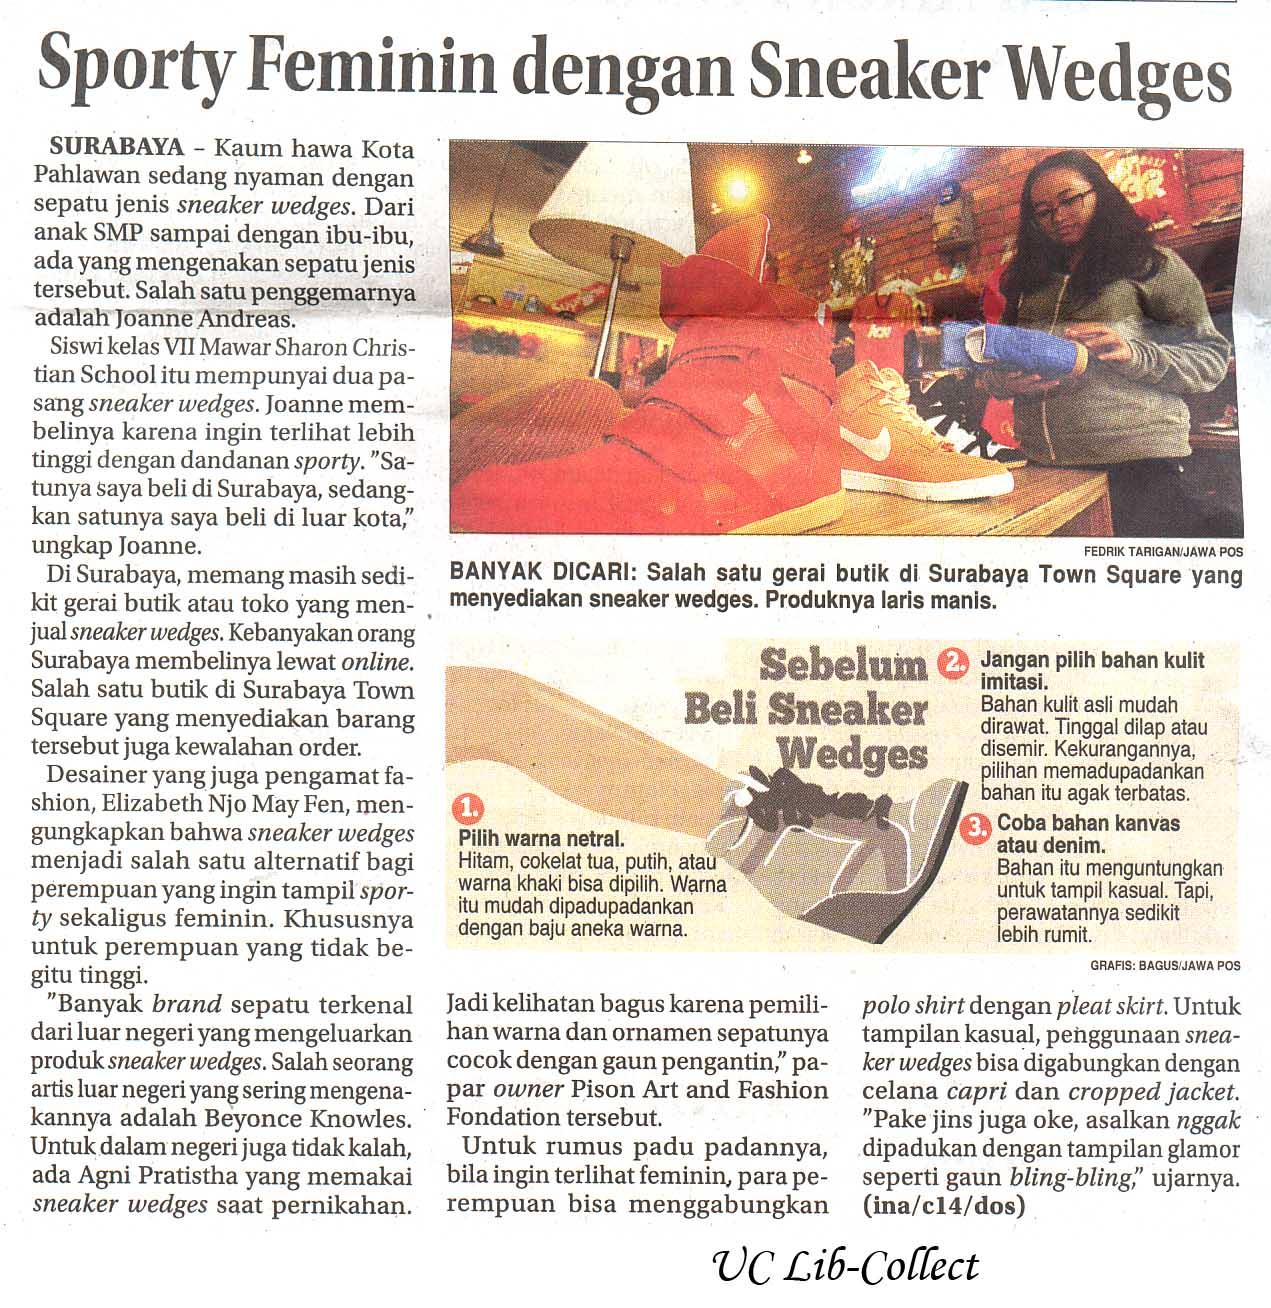 Sporty Feminim dengan Sneaker Wedges.Jawa Pos 5 Januari 2014.Hal.40